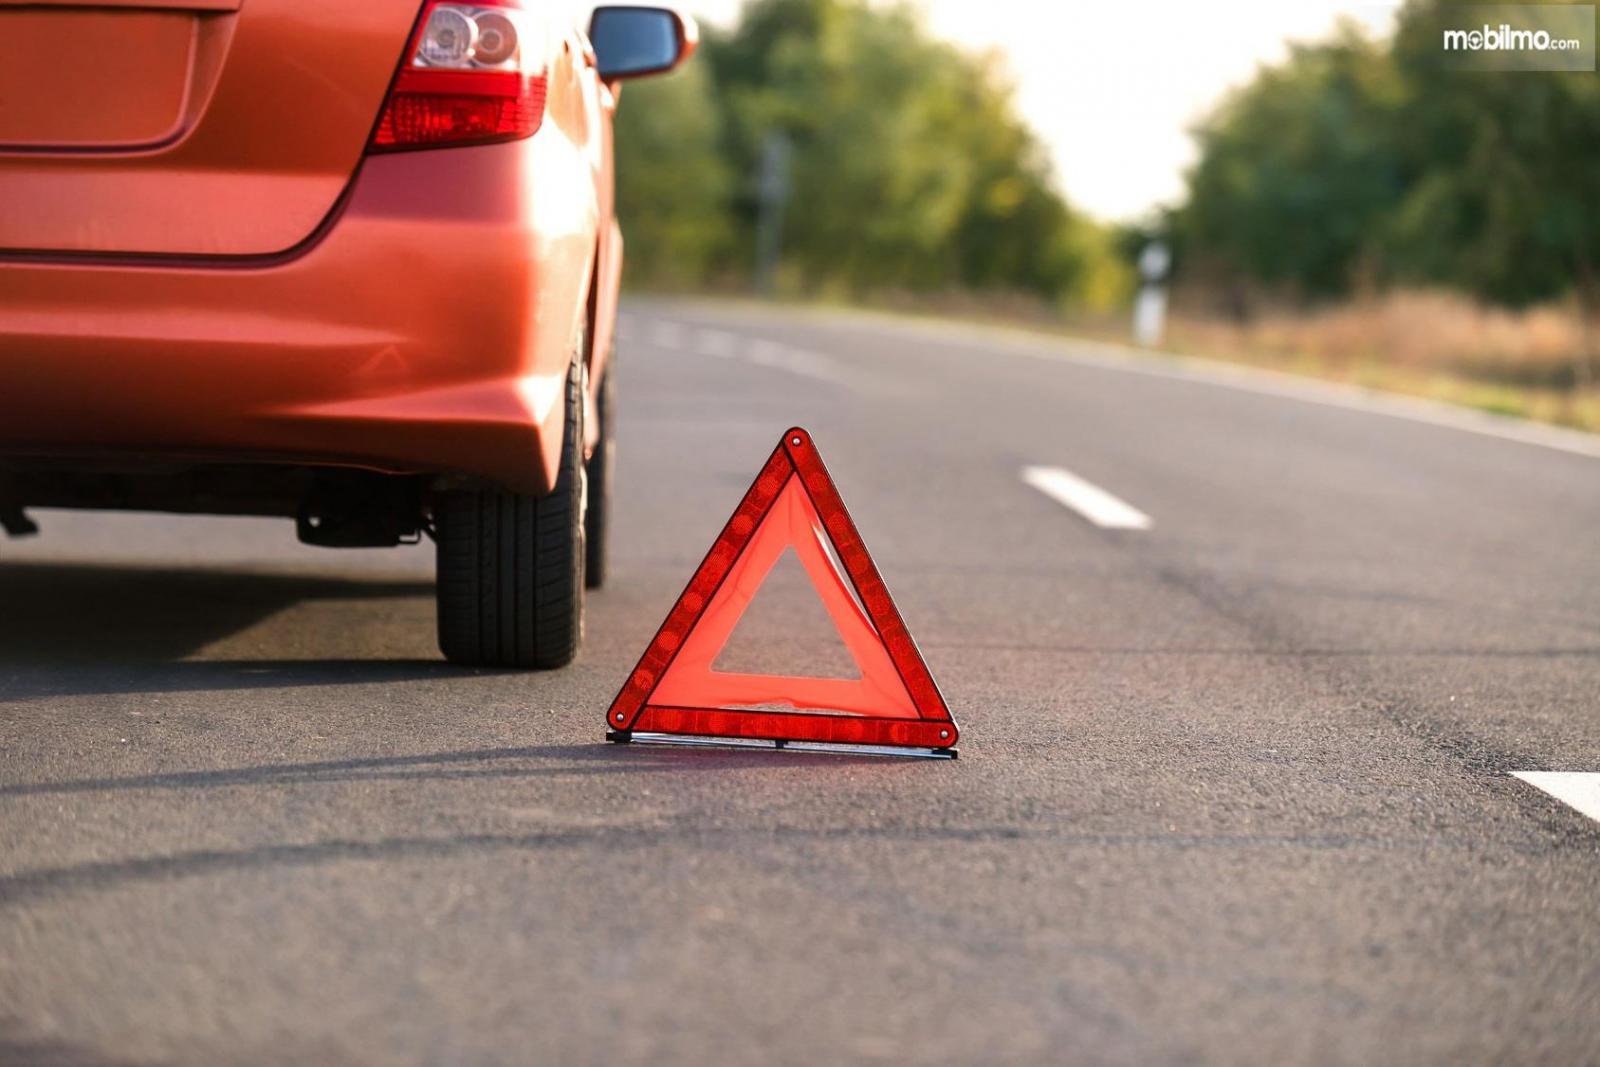 Foto sebuah mobil Berhenti di bahu jalan karena dalam kondisi darurat